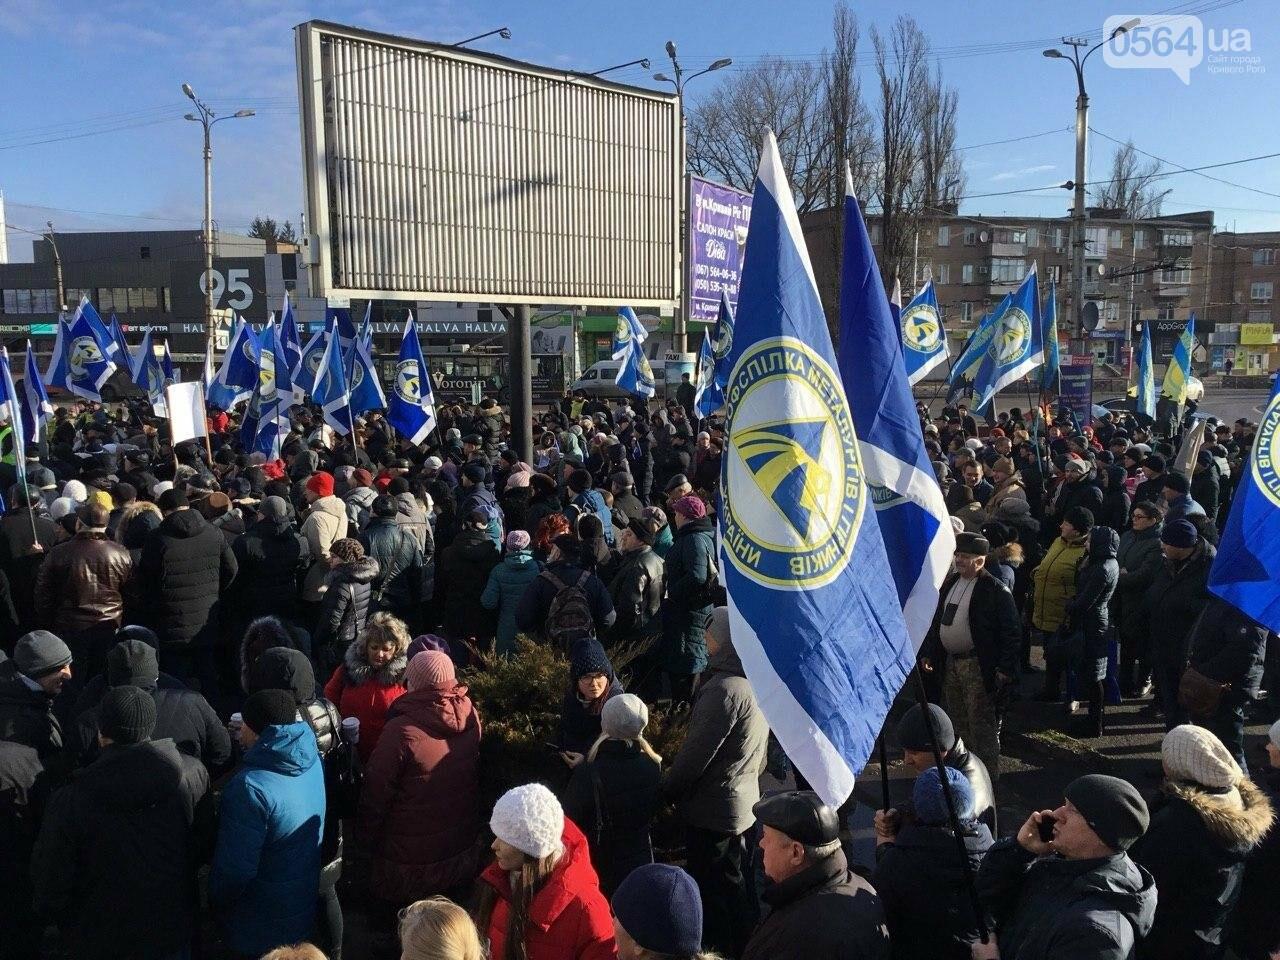 В Кривом Роге протестуют против принятия Радой нового трудового законодательства, - ФОТО, ВИДЕО, фото-13